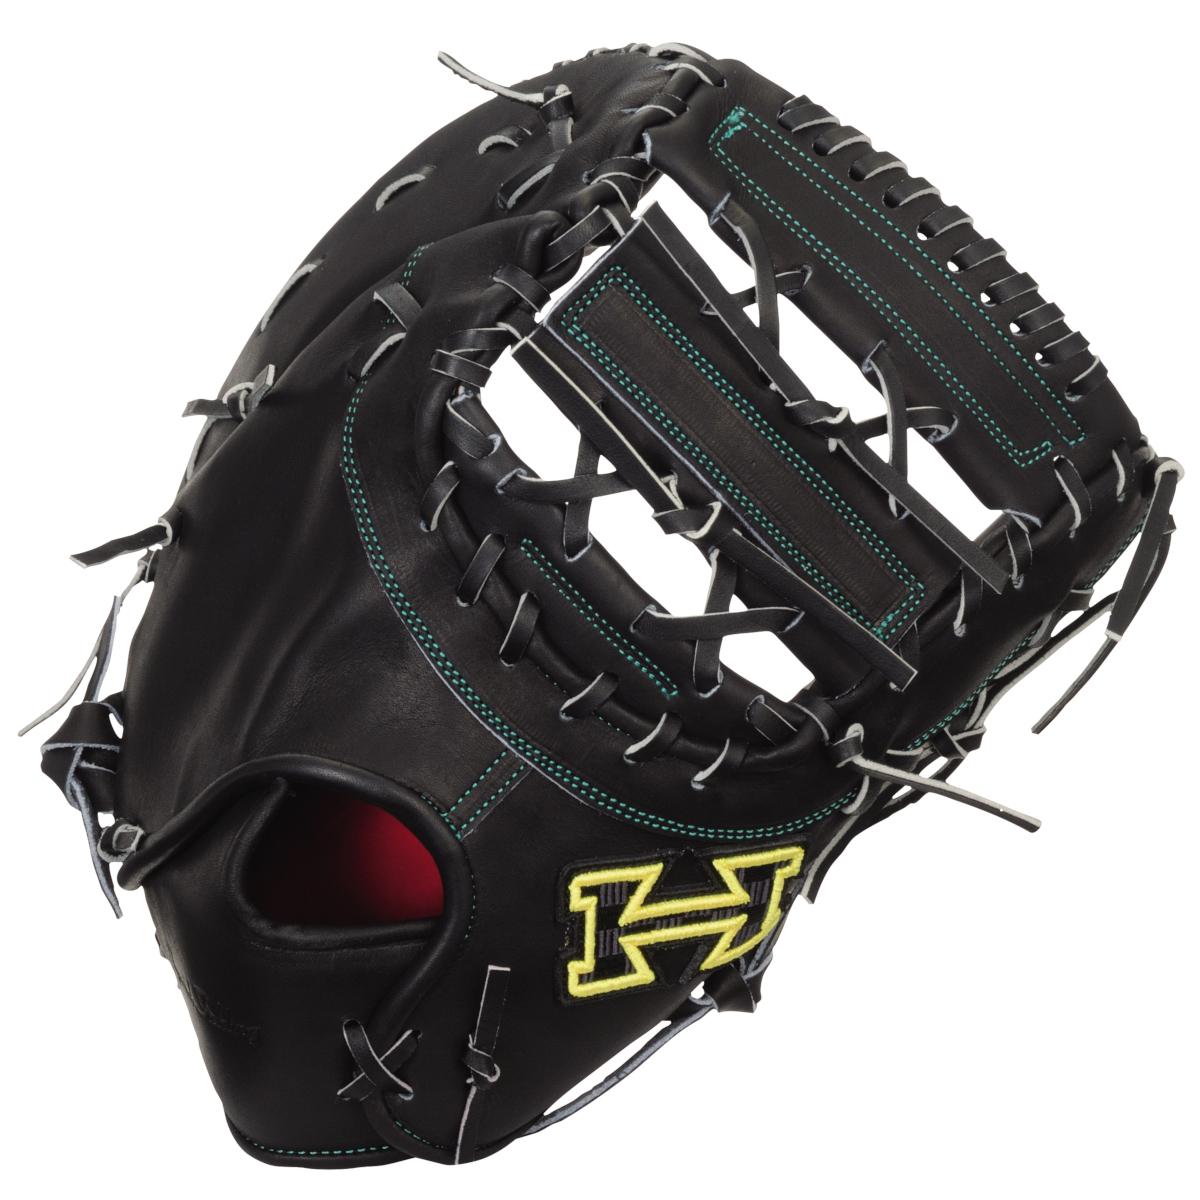 ハイゴールド 硬式野球ミットPAG DELUXE(デラックス)シリーズ 一塁手用グローブ ウイニングバック2 ブラック PAGF100 送料無料 2020年モデル